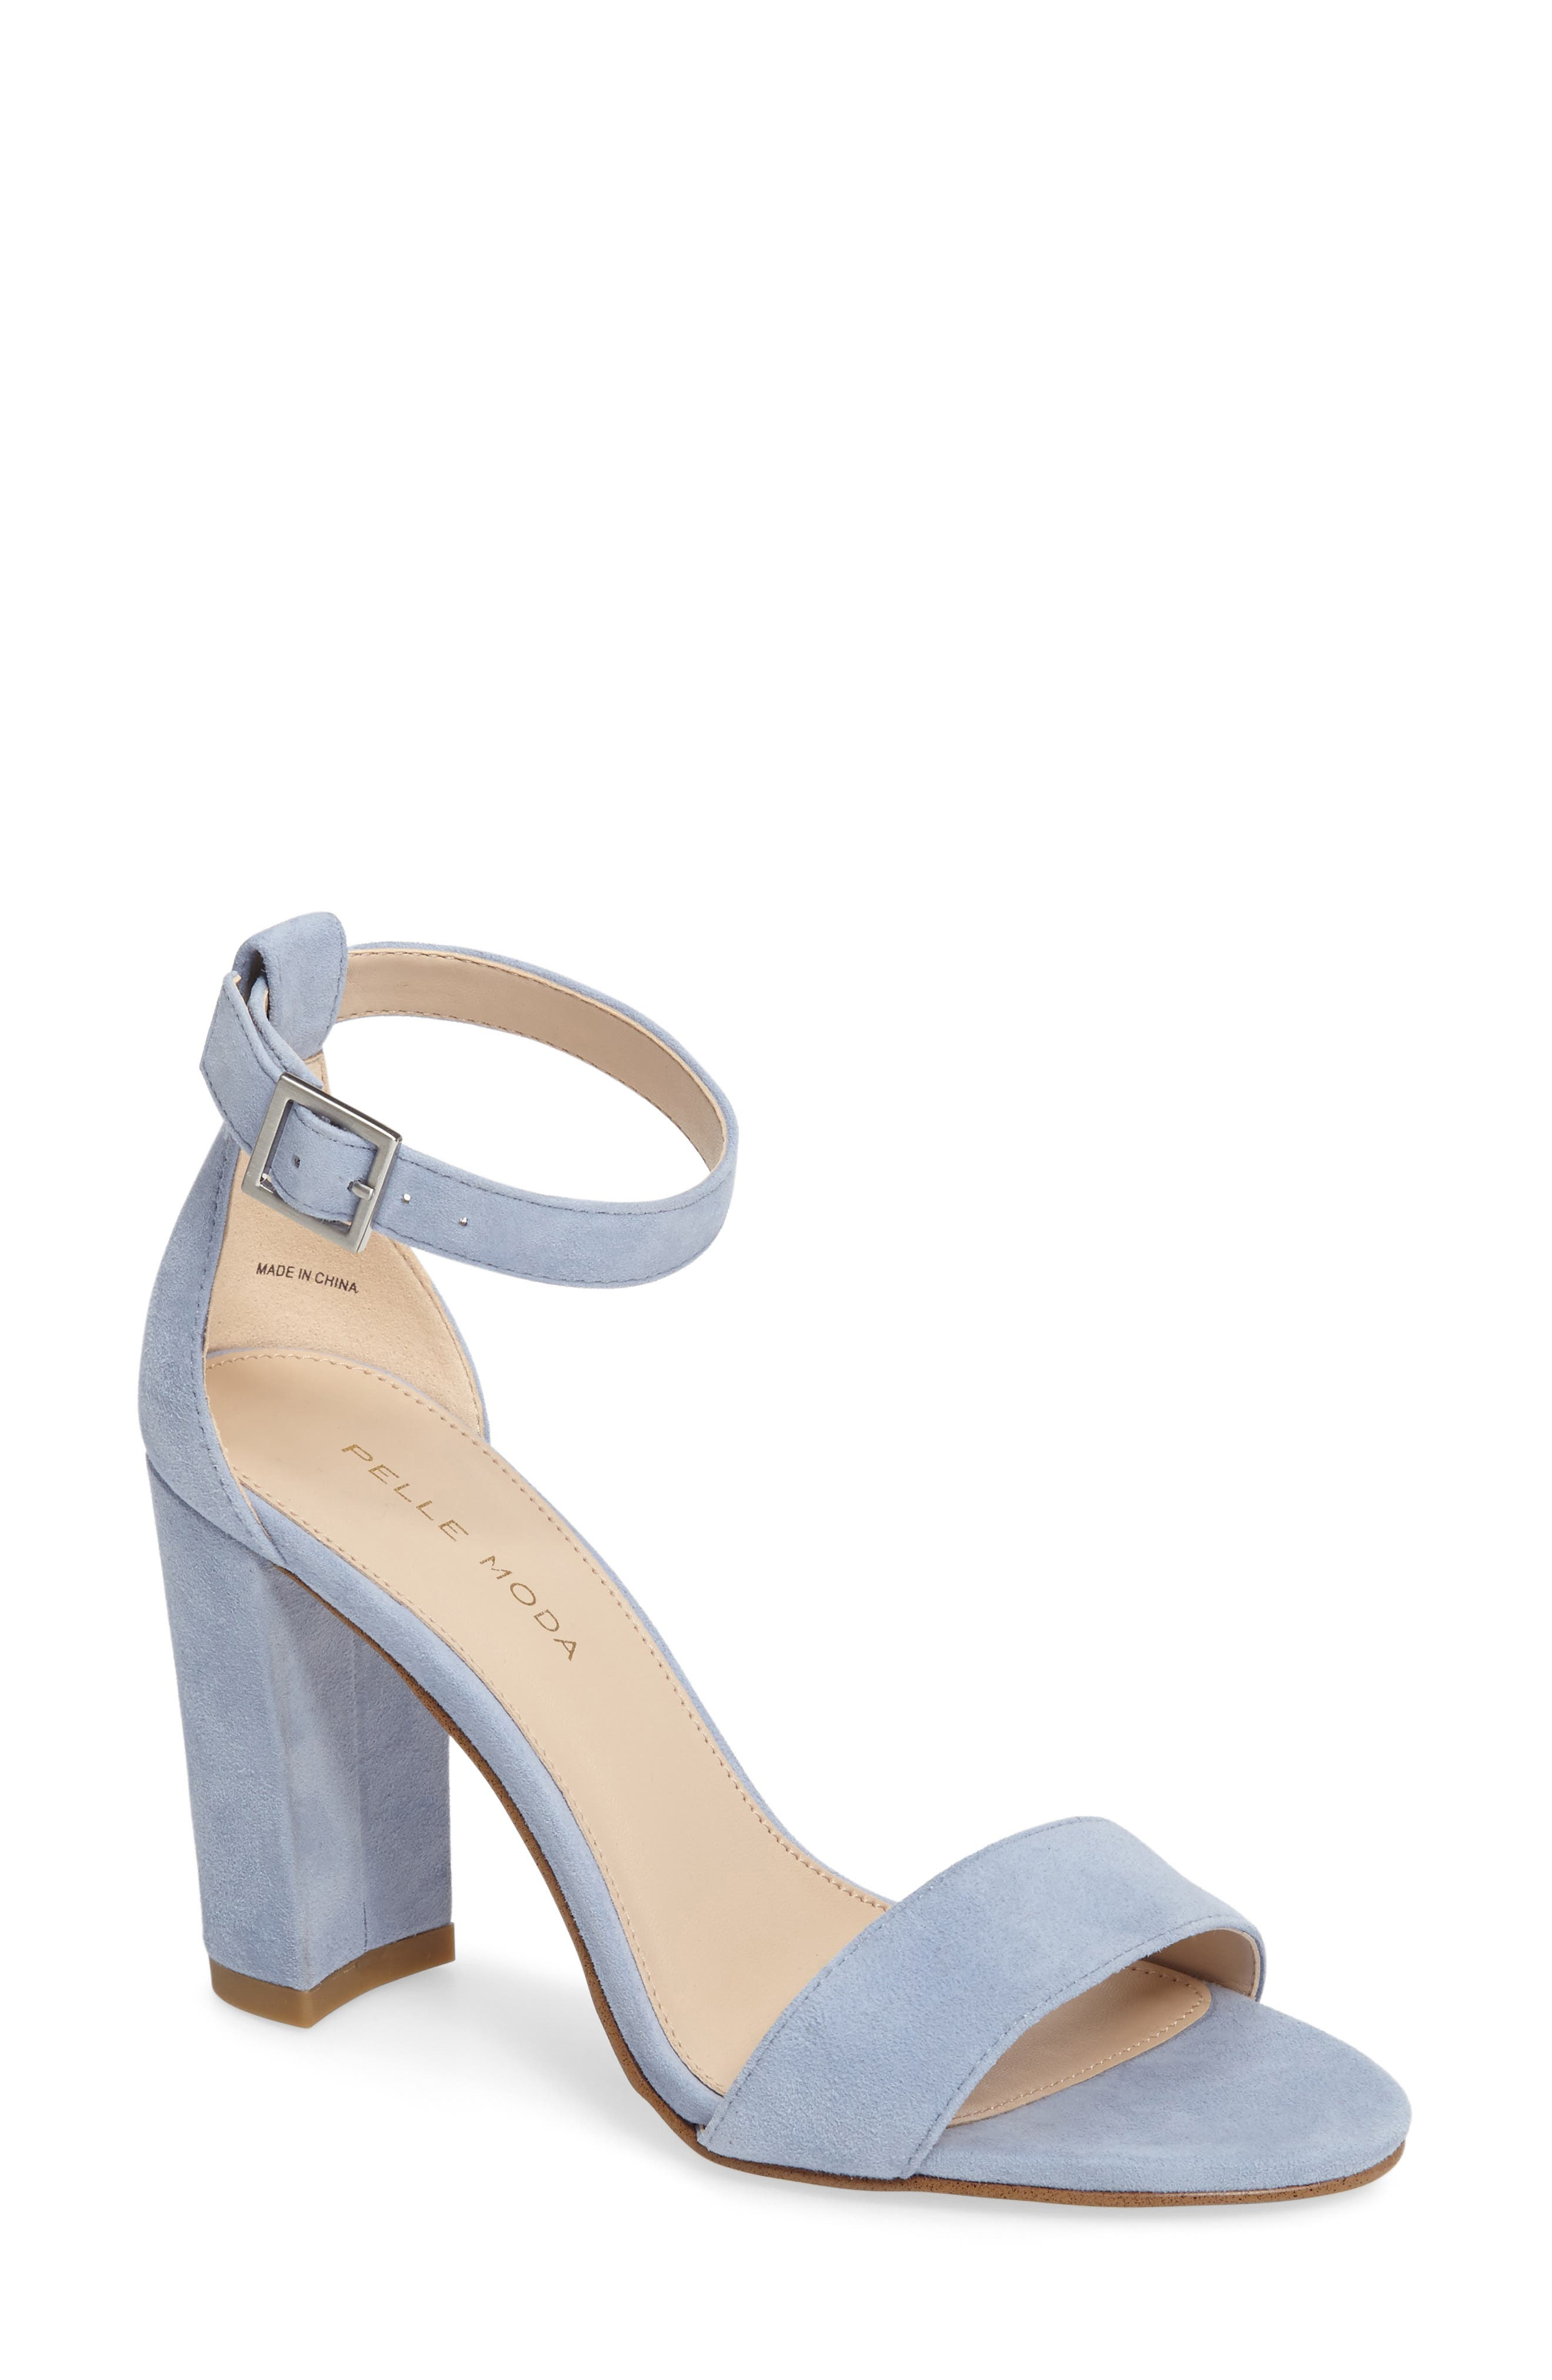 'Bonnie' Ankle Strap Sandal,                         Main,                         color, Powder Blue Leather